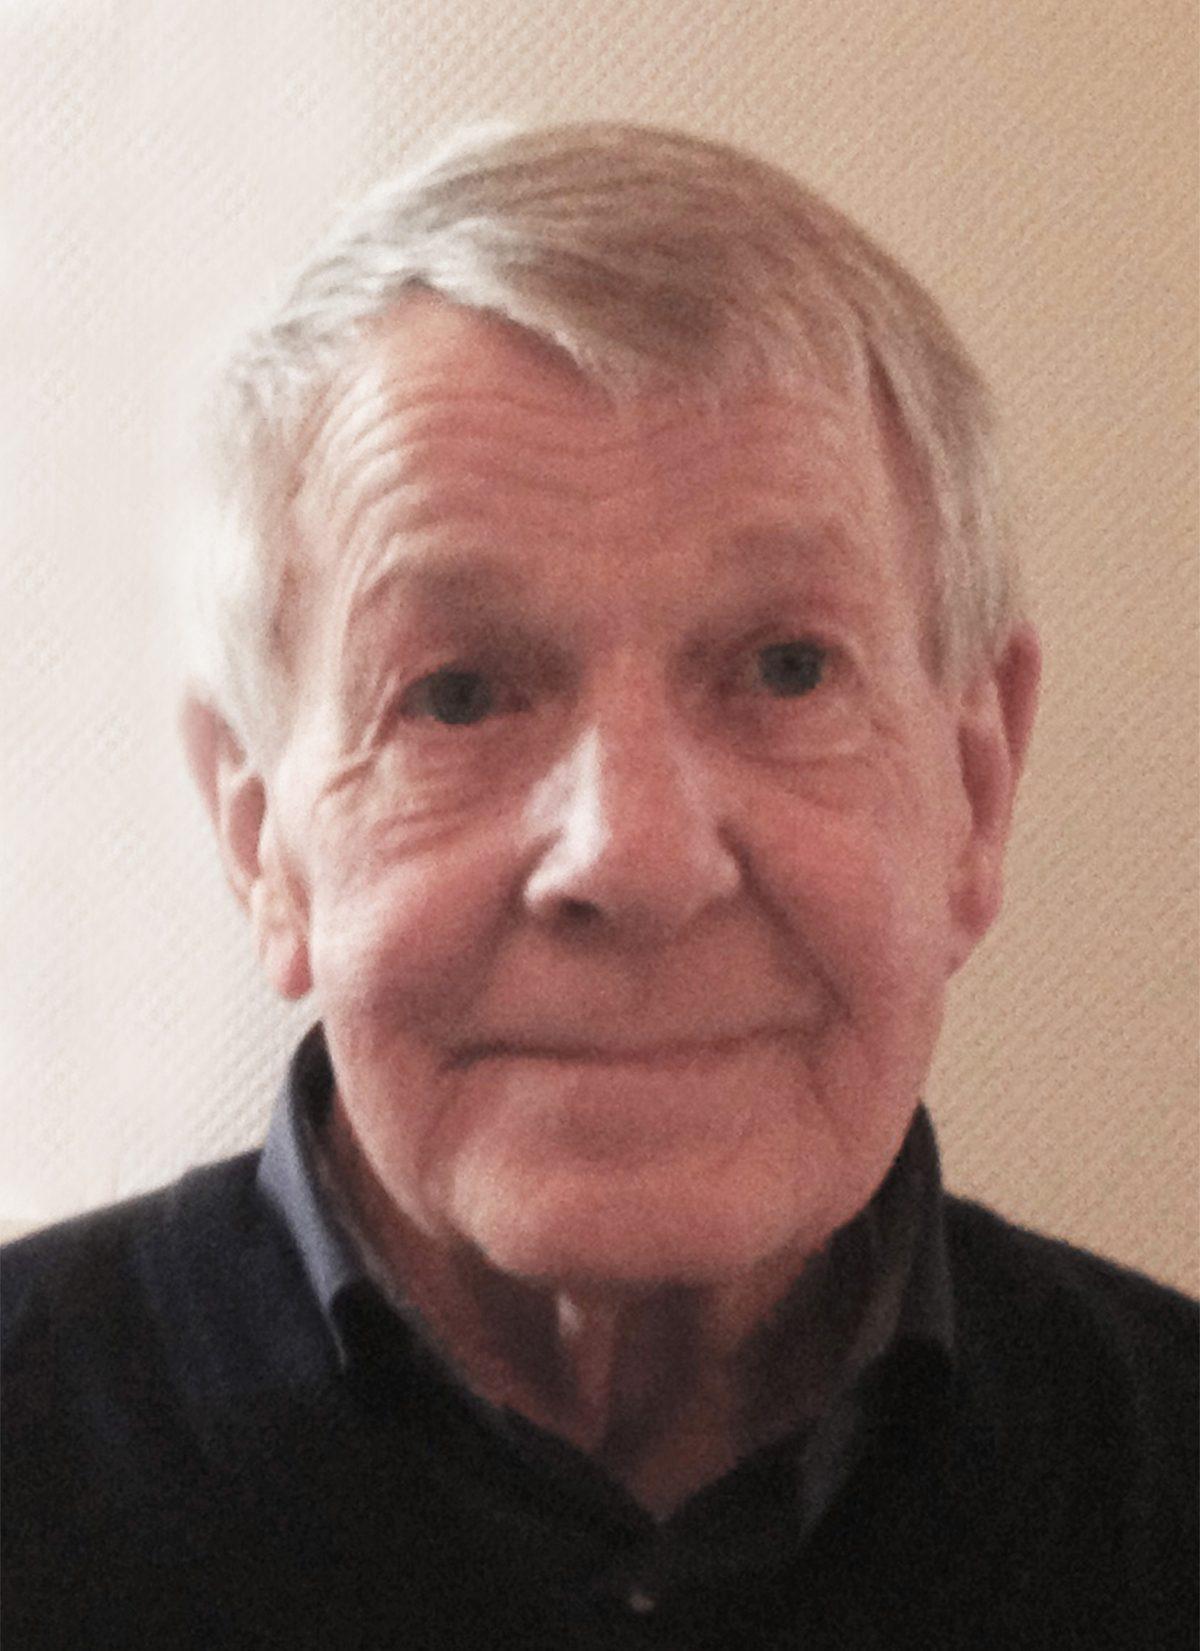 Julien Princen